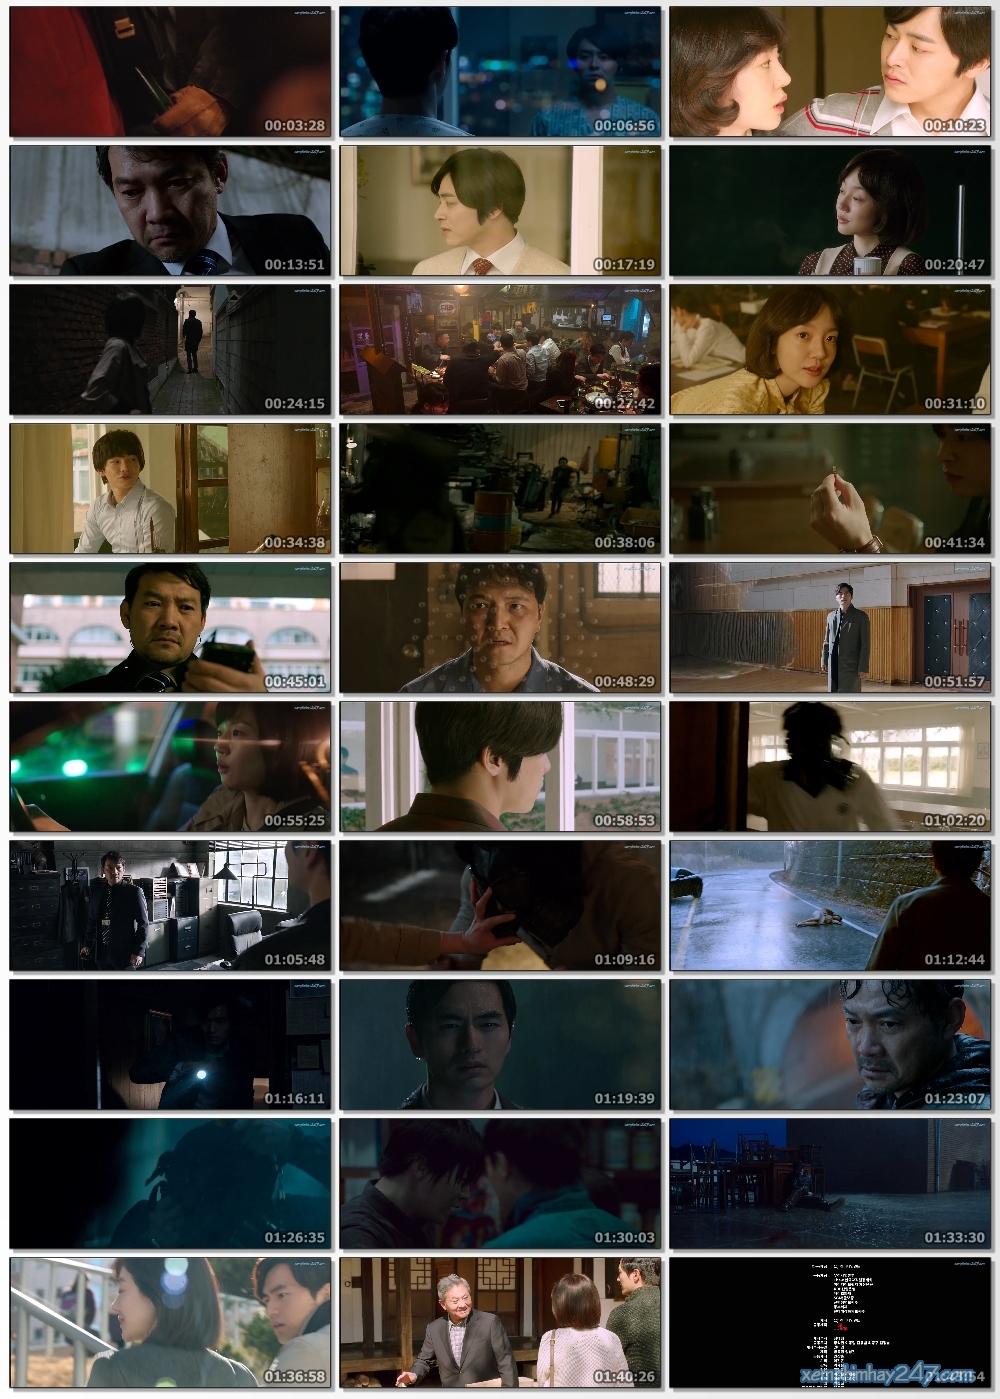 http://xemphimhay247.com - Xem phim hay 247 - Người Dịch Chuyển Thời Gian (2016) - Time Renegades (2016)